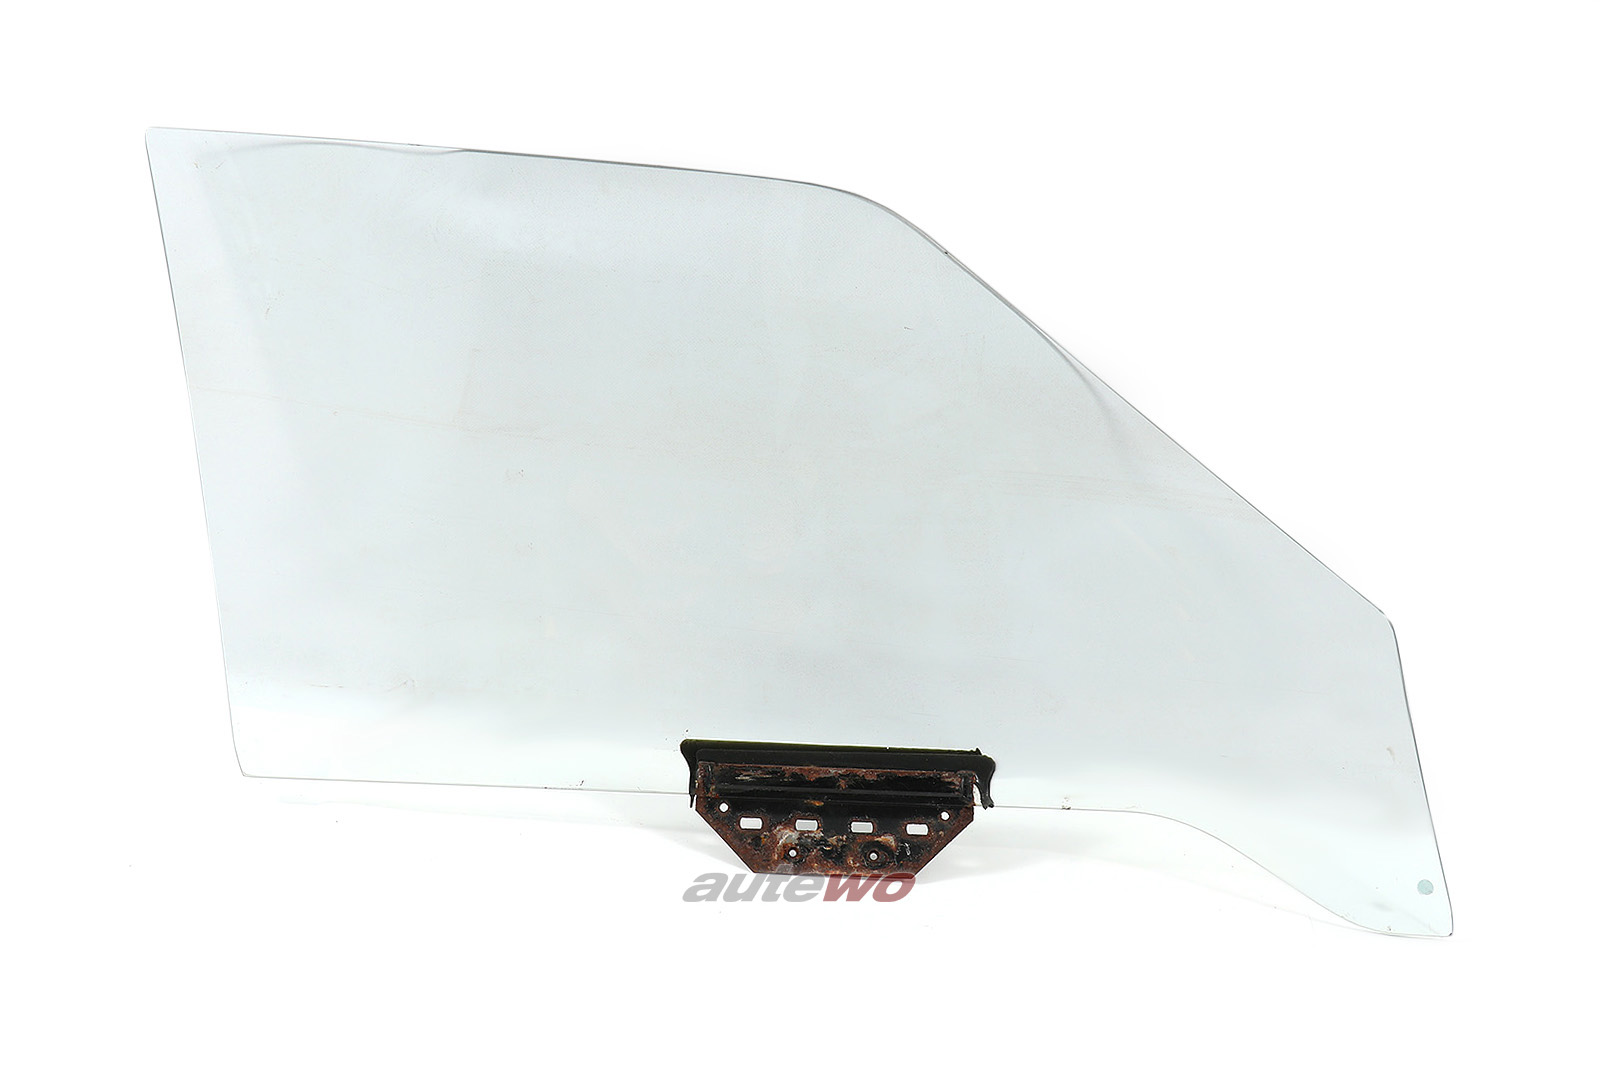 855845021L Audi Coupe Typ 81/85/Urquattro Coupe Seitenscheibe Vorne Links klar